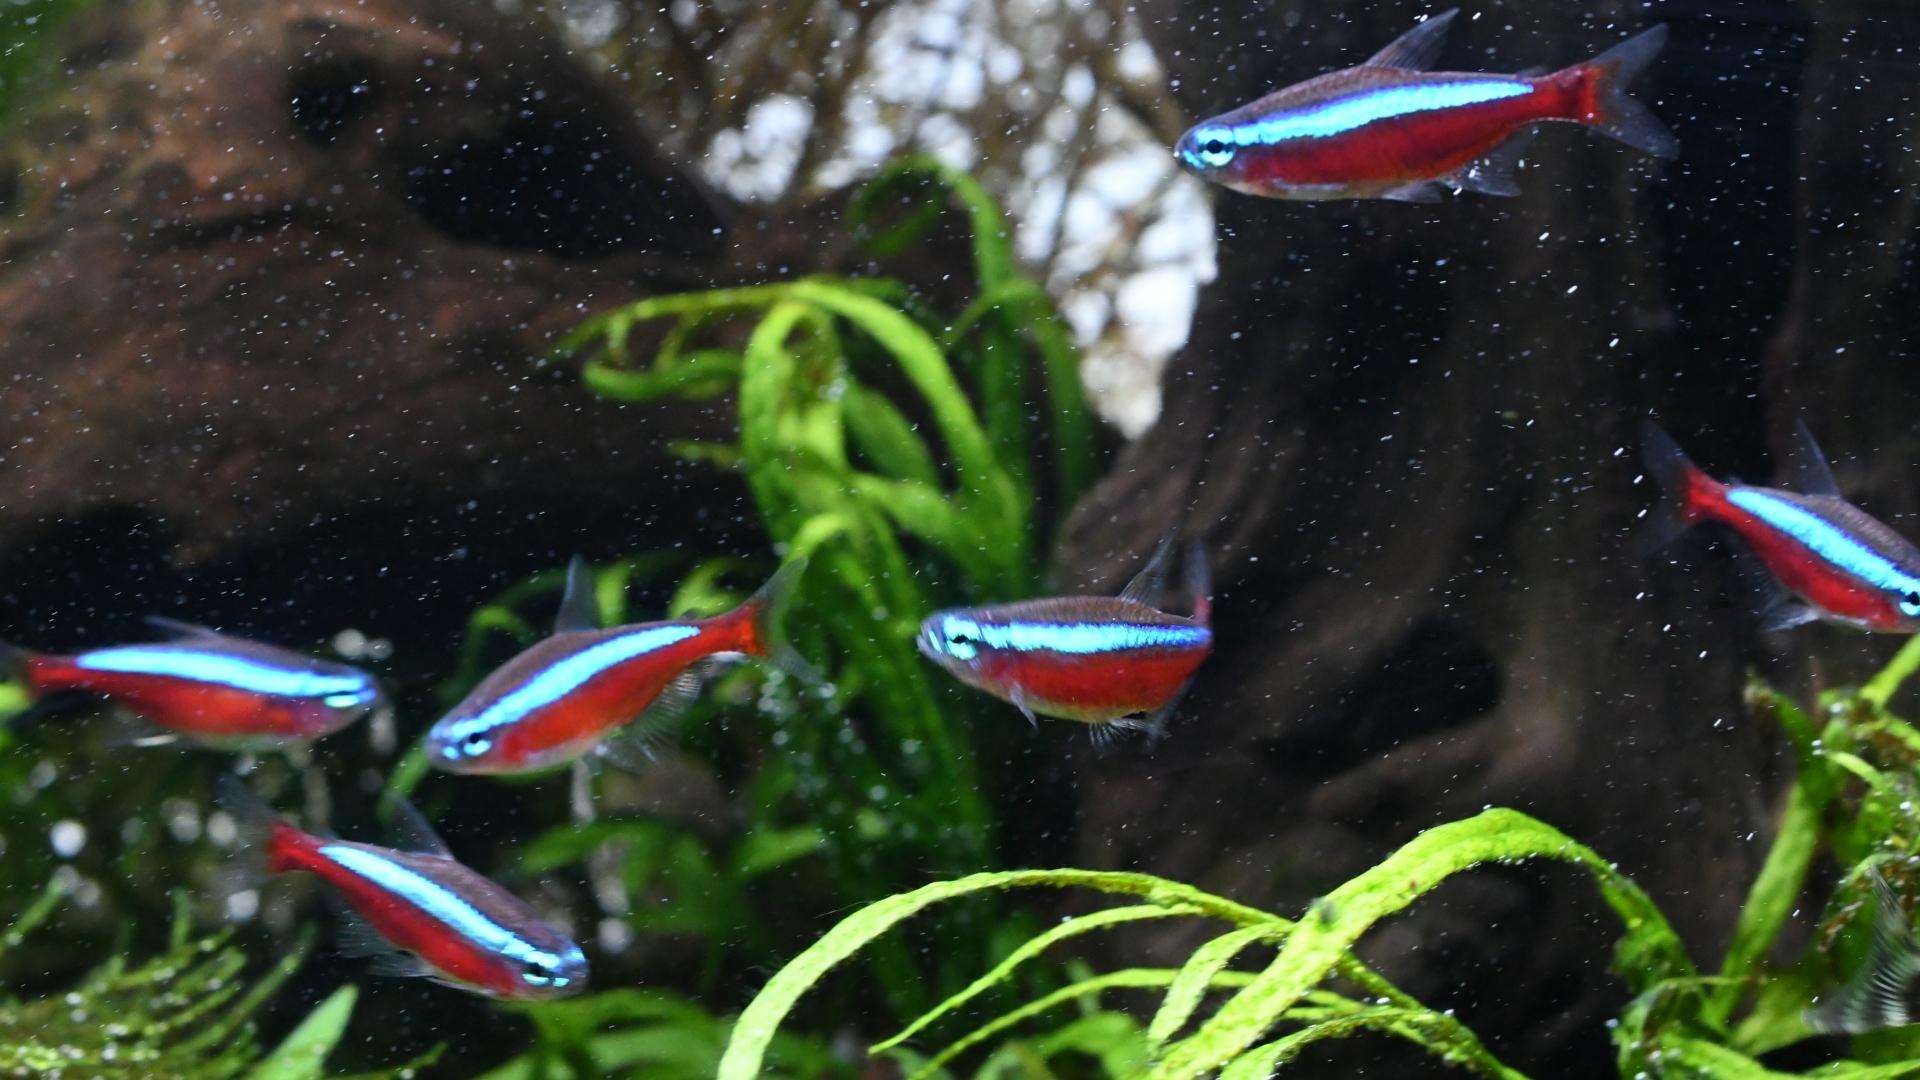 熱帯魚紹介:熱帯魚の王道 カージナルテトラ